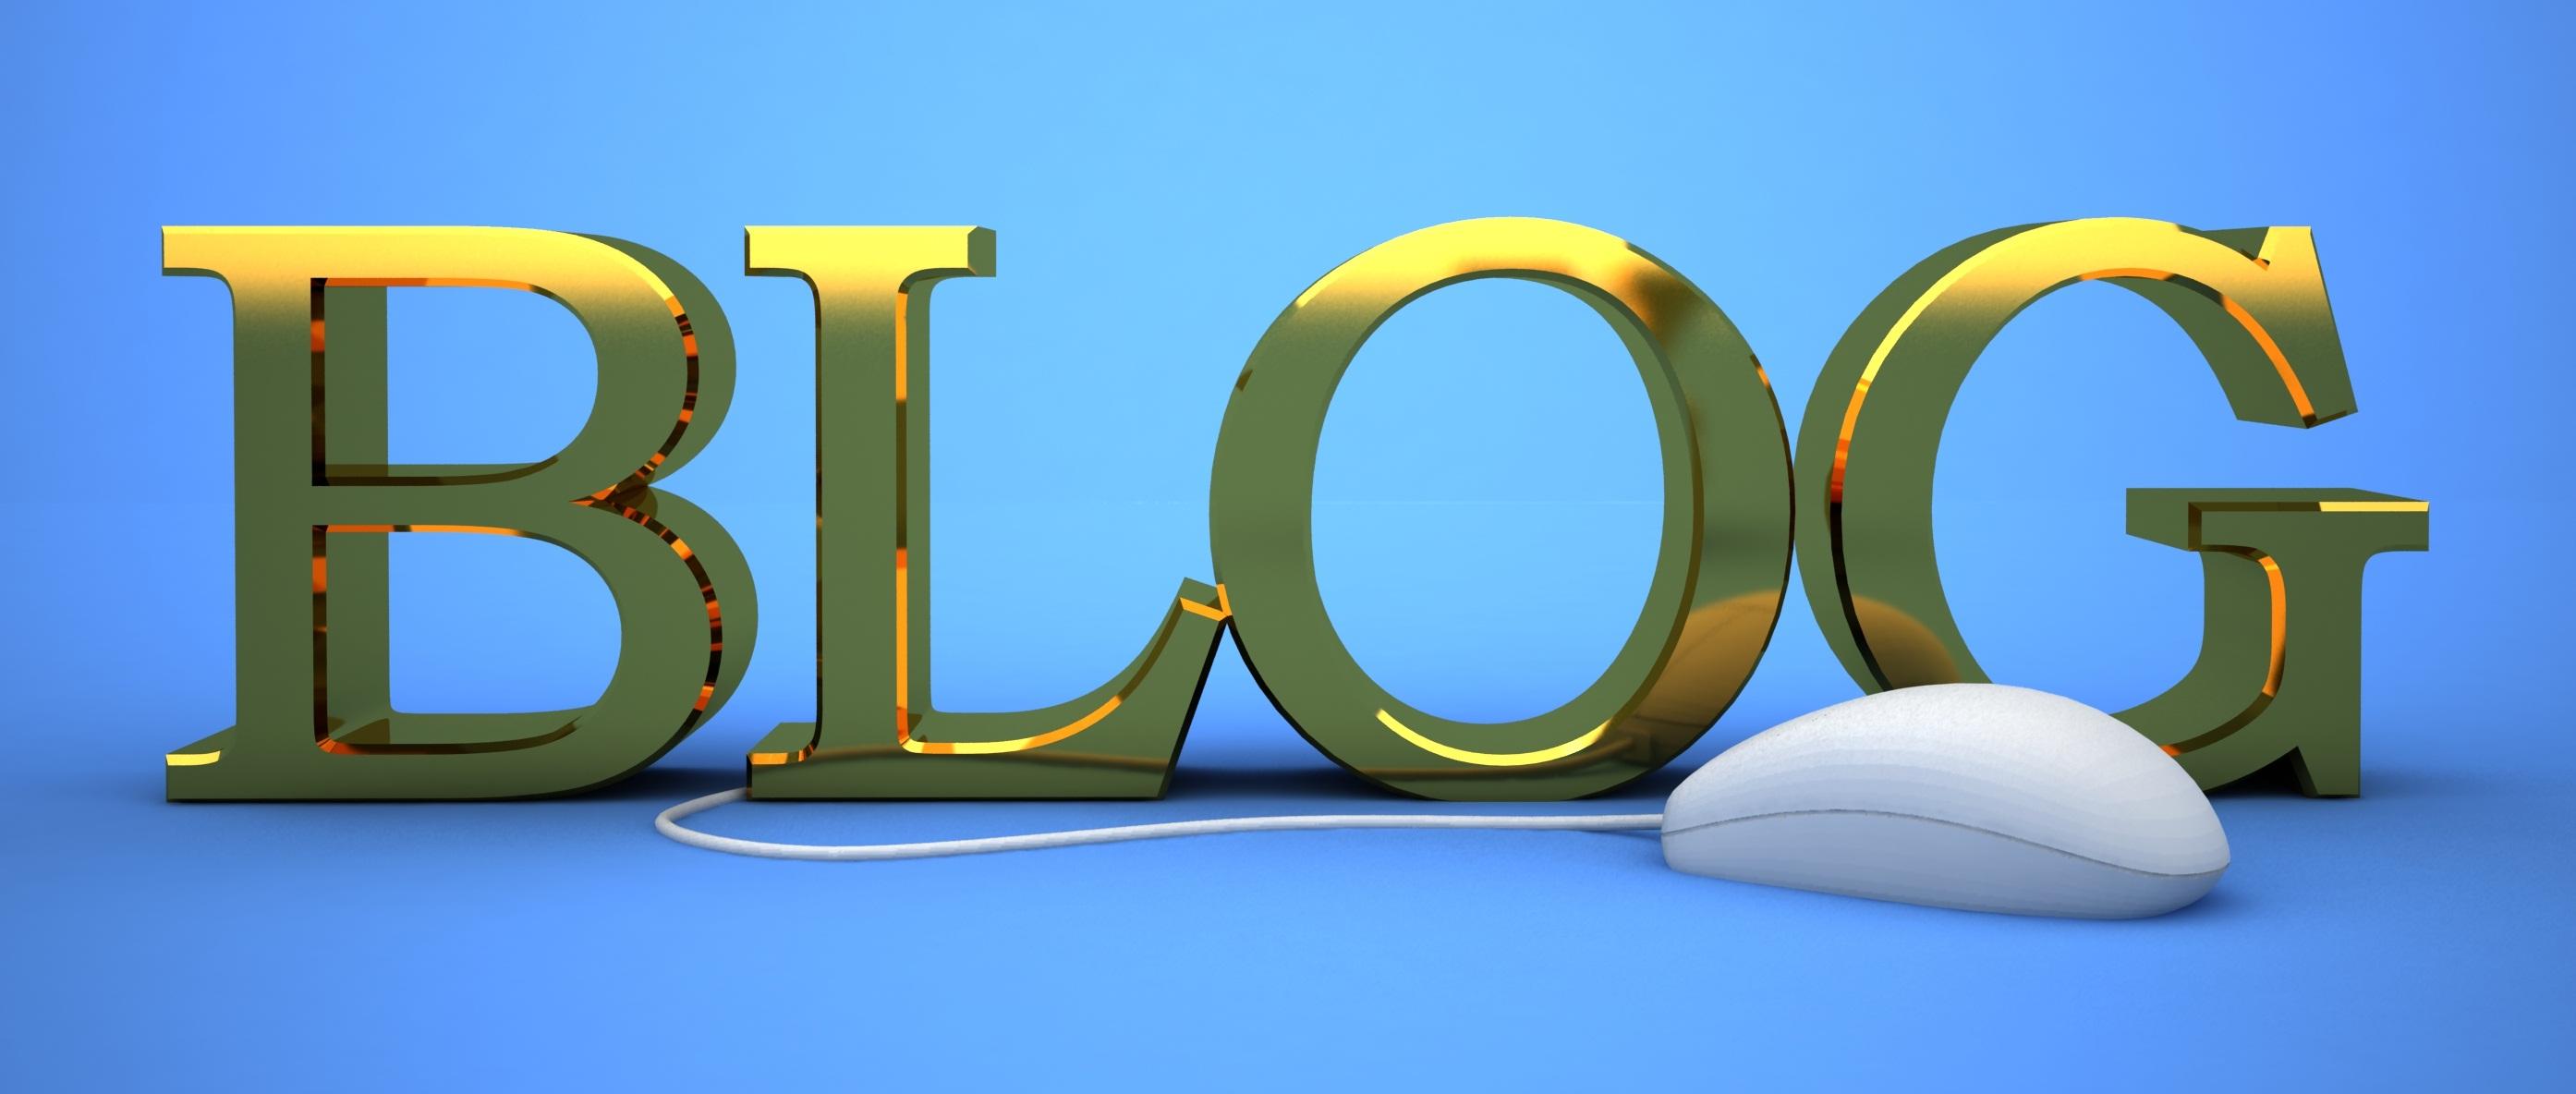 Comment mieux référencer son blog ?